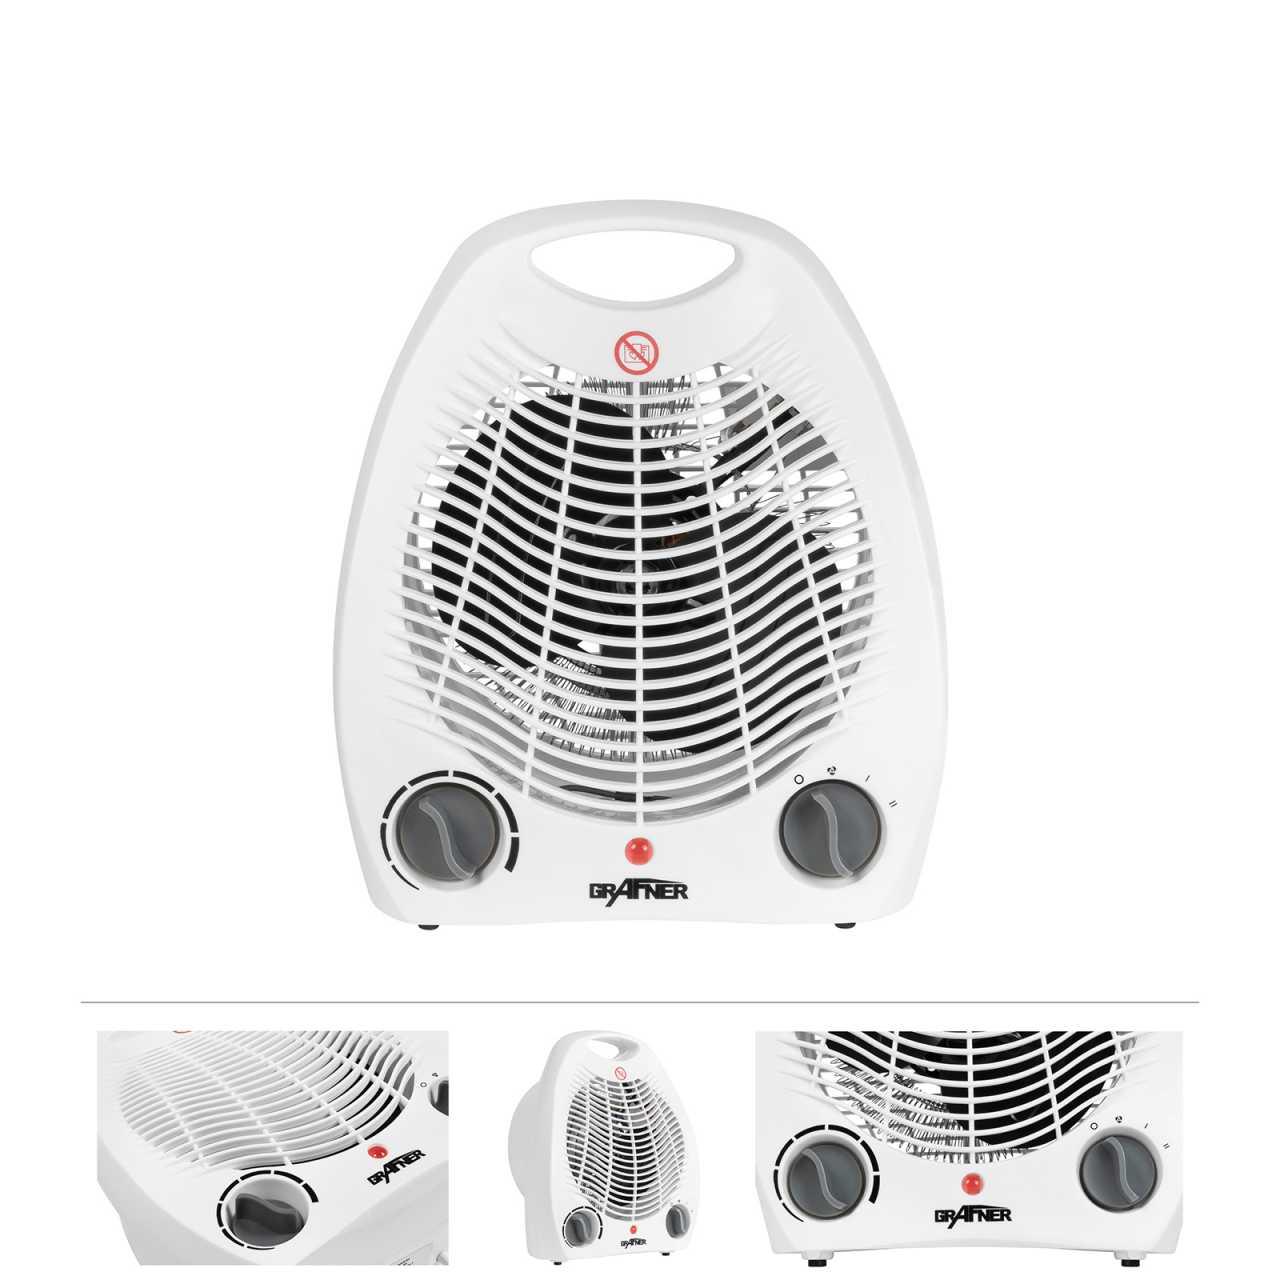 Grafner® 2 in 1 Heizlüfter und Ventilator 2000 Watt HL10831